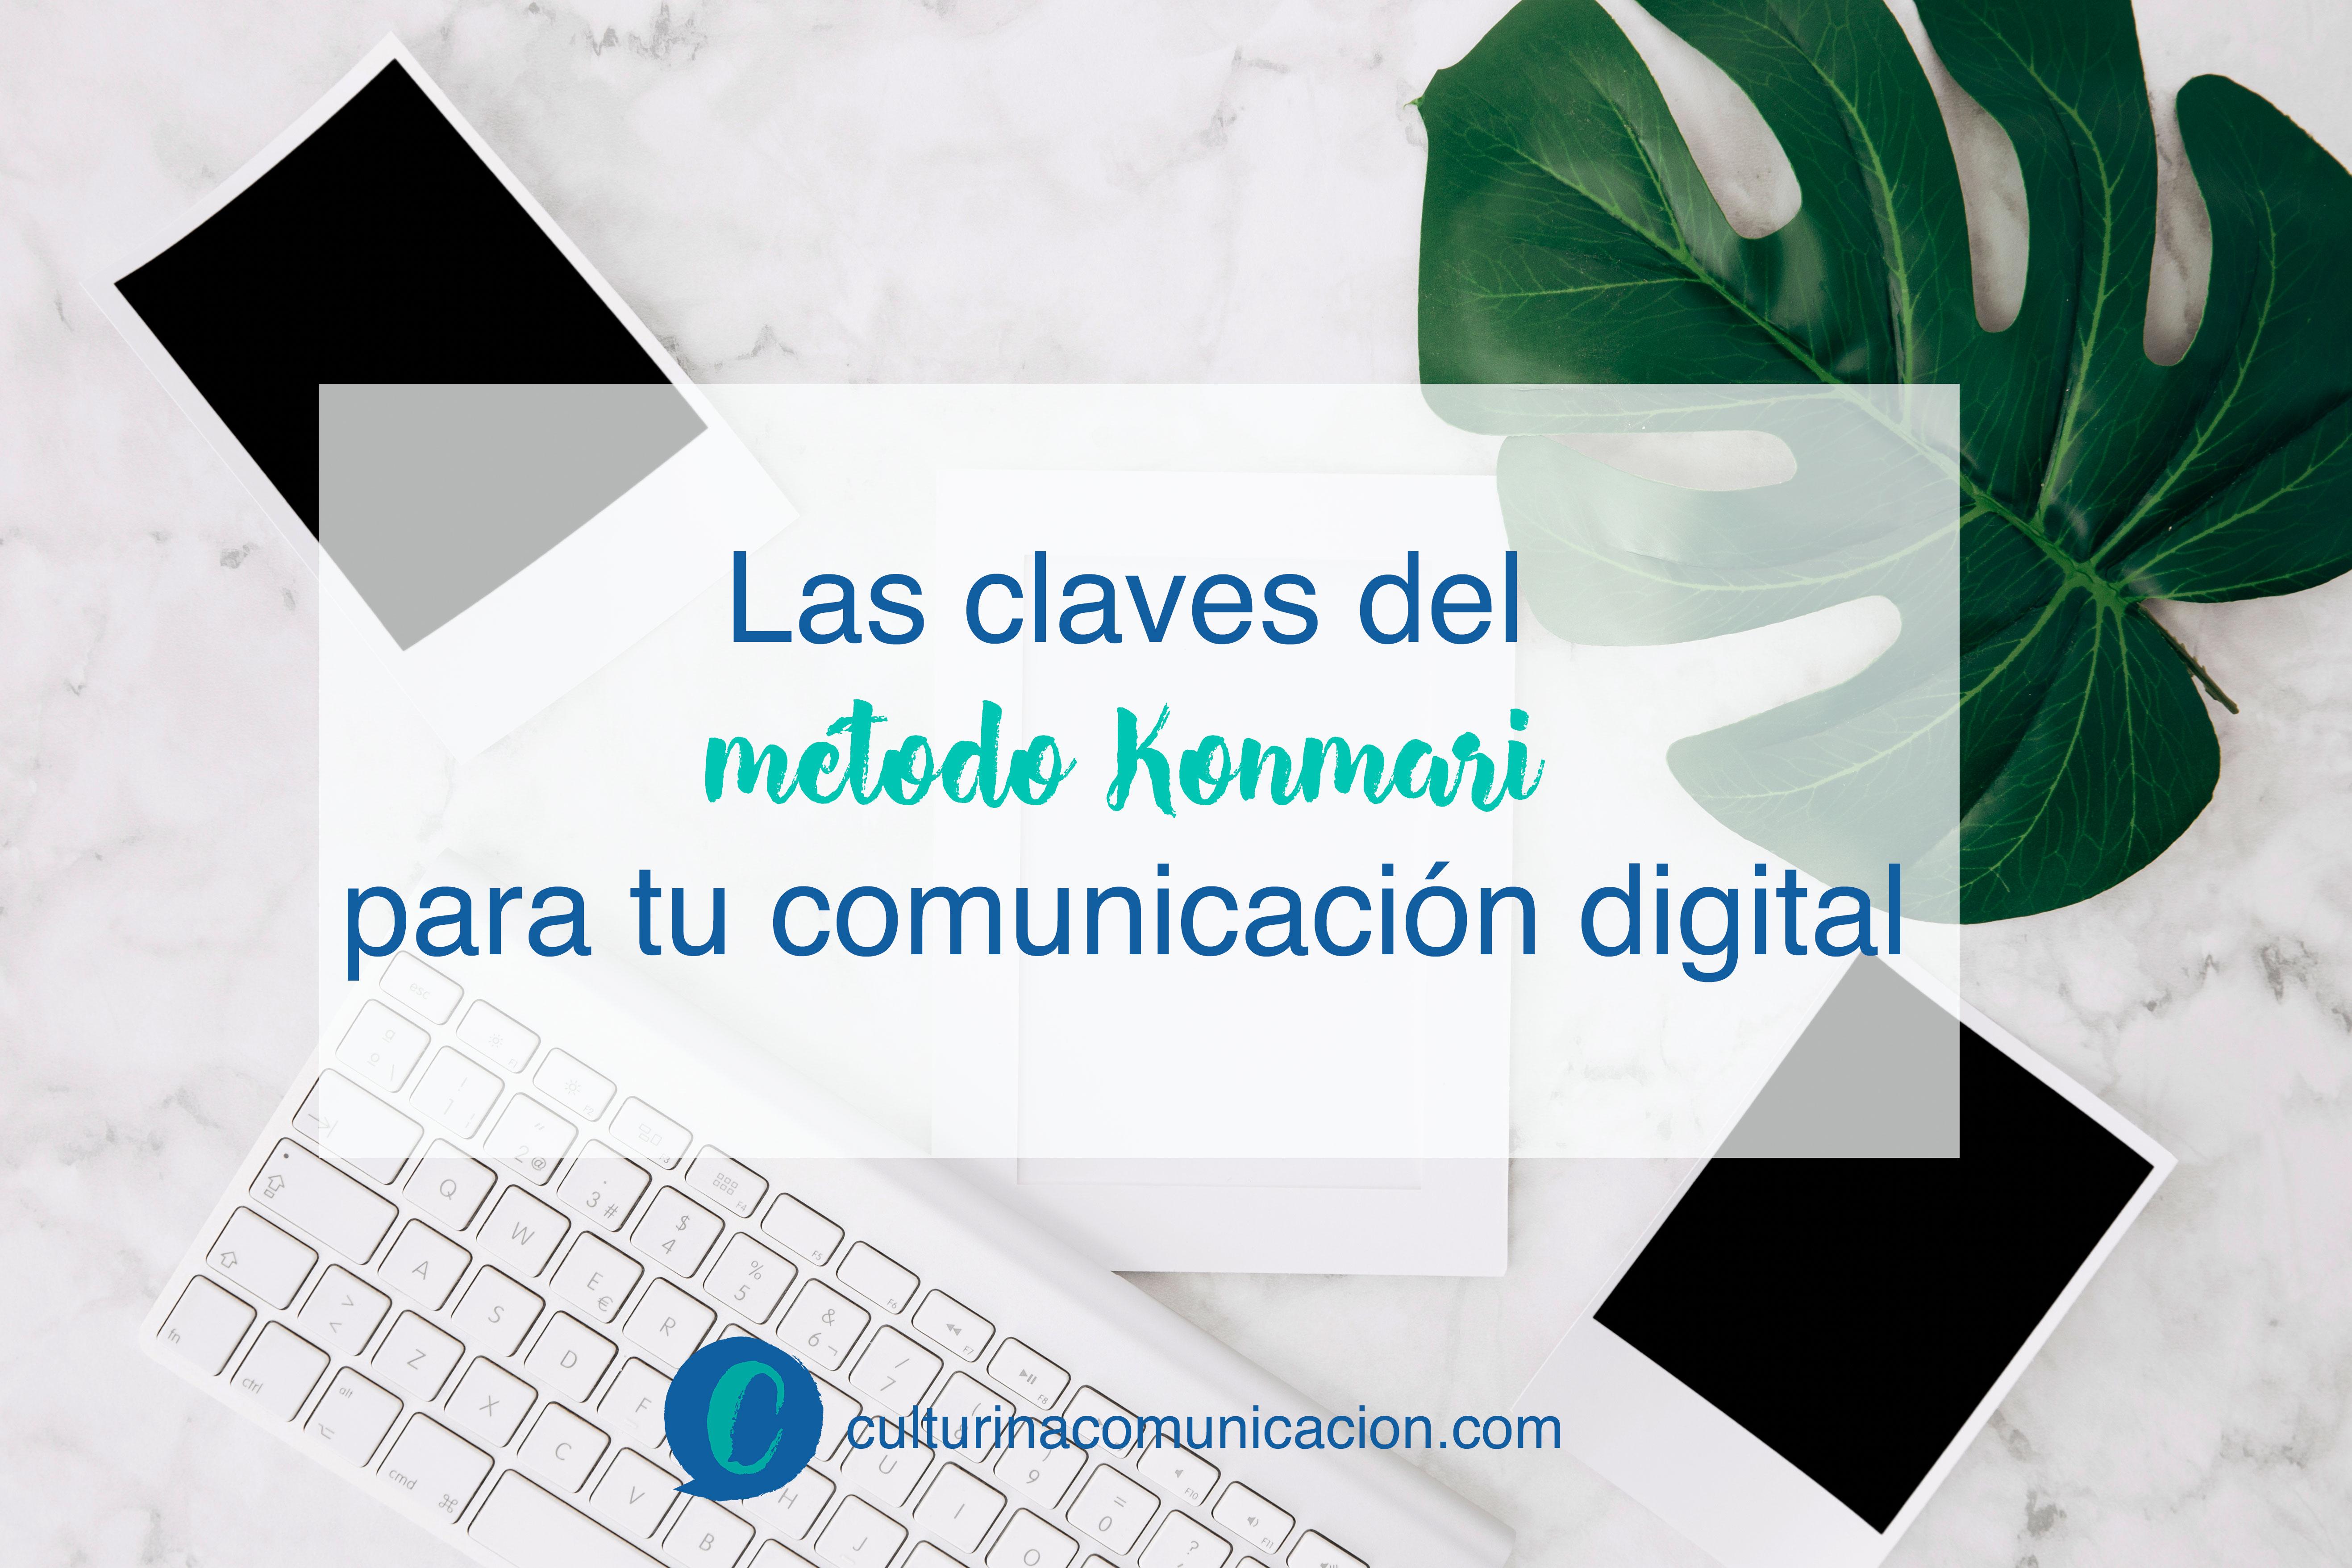 Las claves de método konmari para la comunicación digital, culturina comunicación